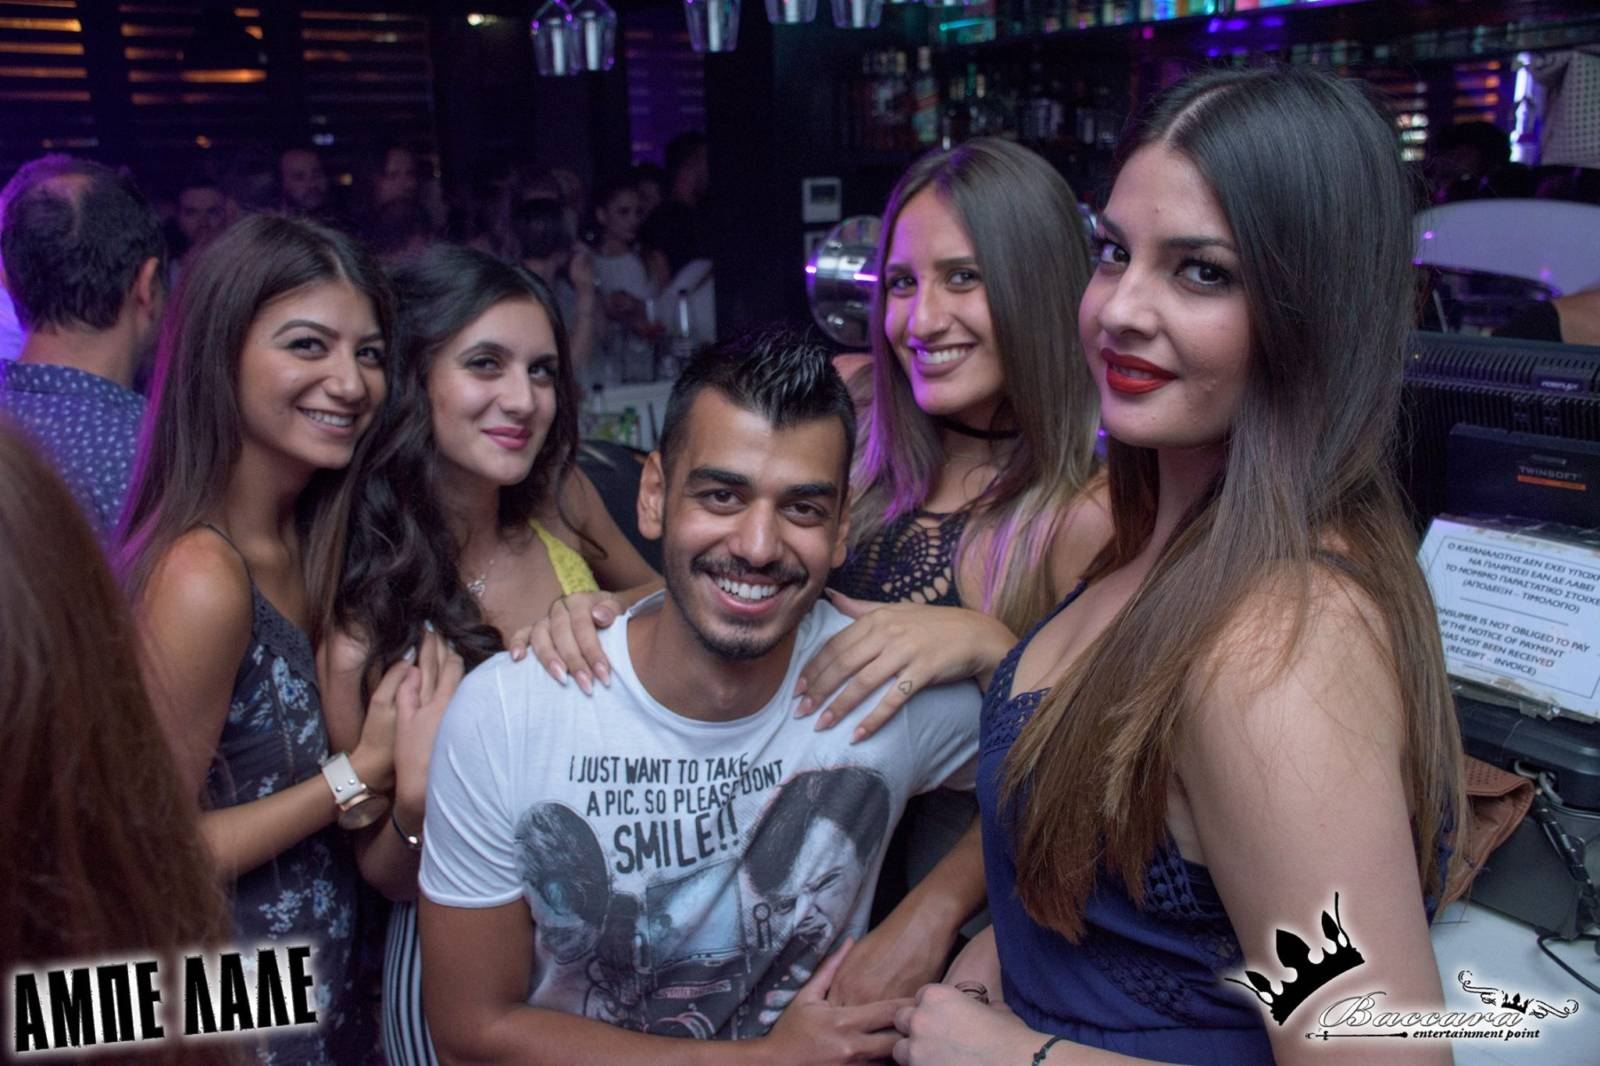 Συνεχίζονται οι «άκρως Ελληνικές βραδιές» με dj τον Pano Haritidi στο Baccara bar στην Πτολεμαΐδα